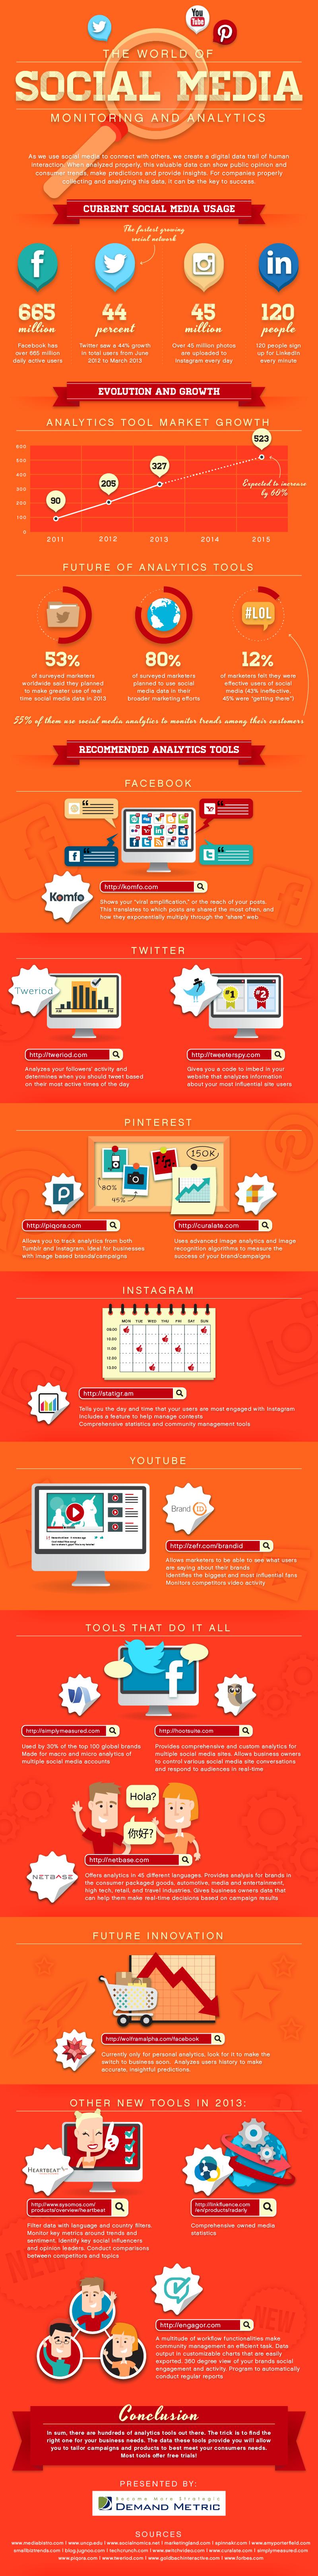 social-media-monitoring-analytics